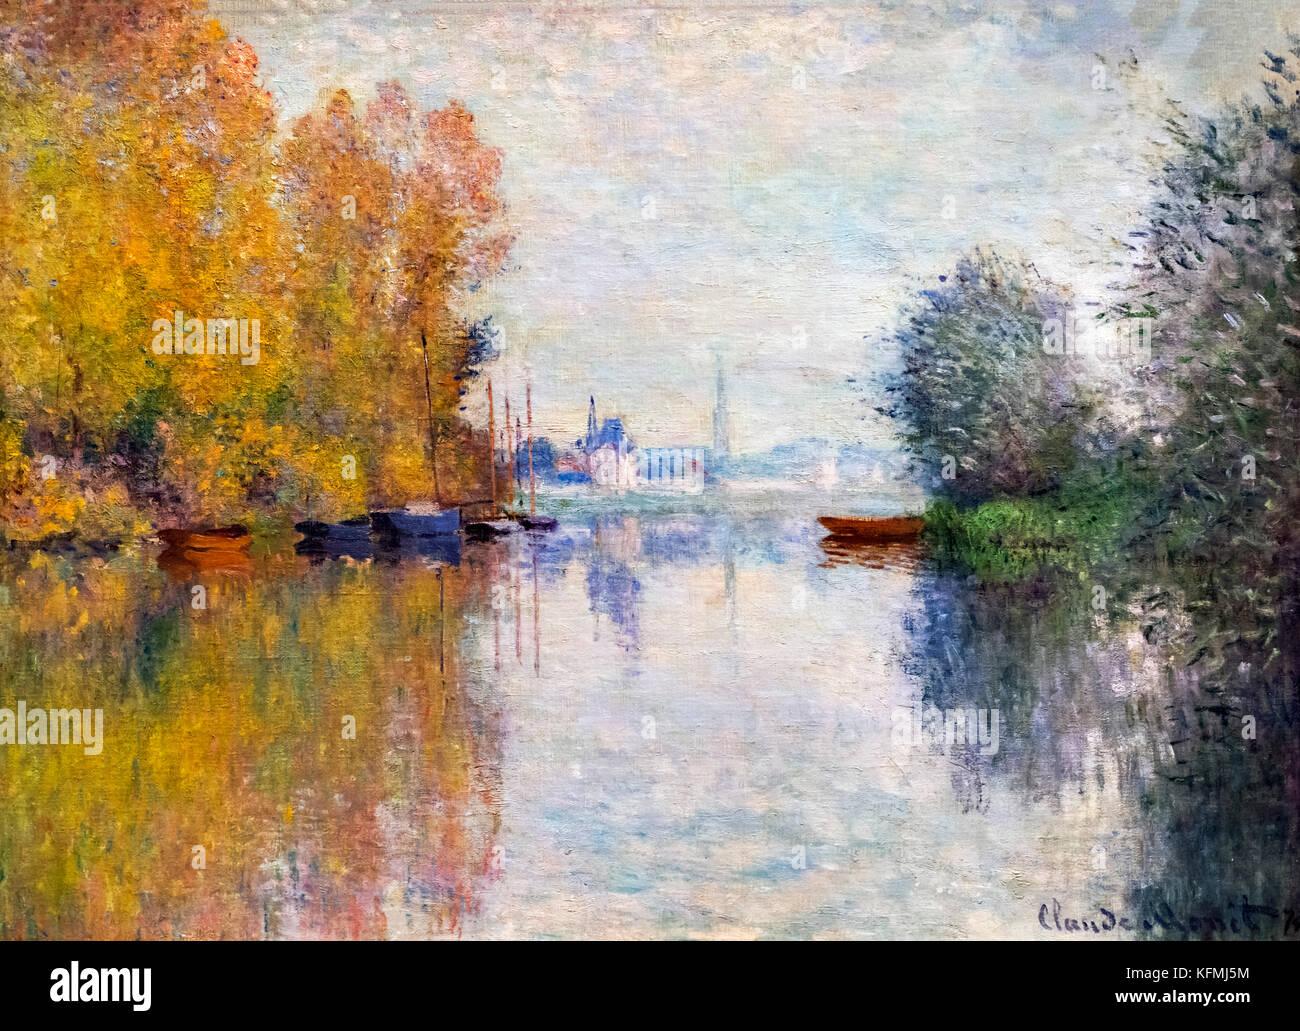 Autumn on the Seine, Argenteuil (Automne sur la Seine, Argenteuil)  by Claude Monet (1840-1926), oil on canvas, - Stock Image